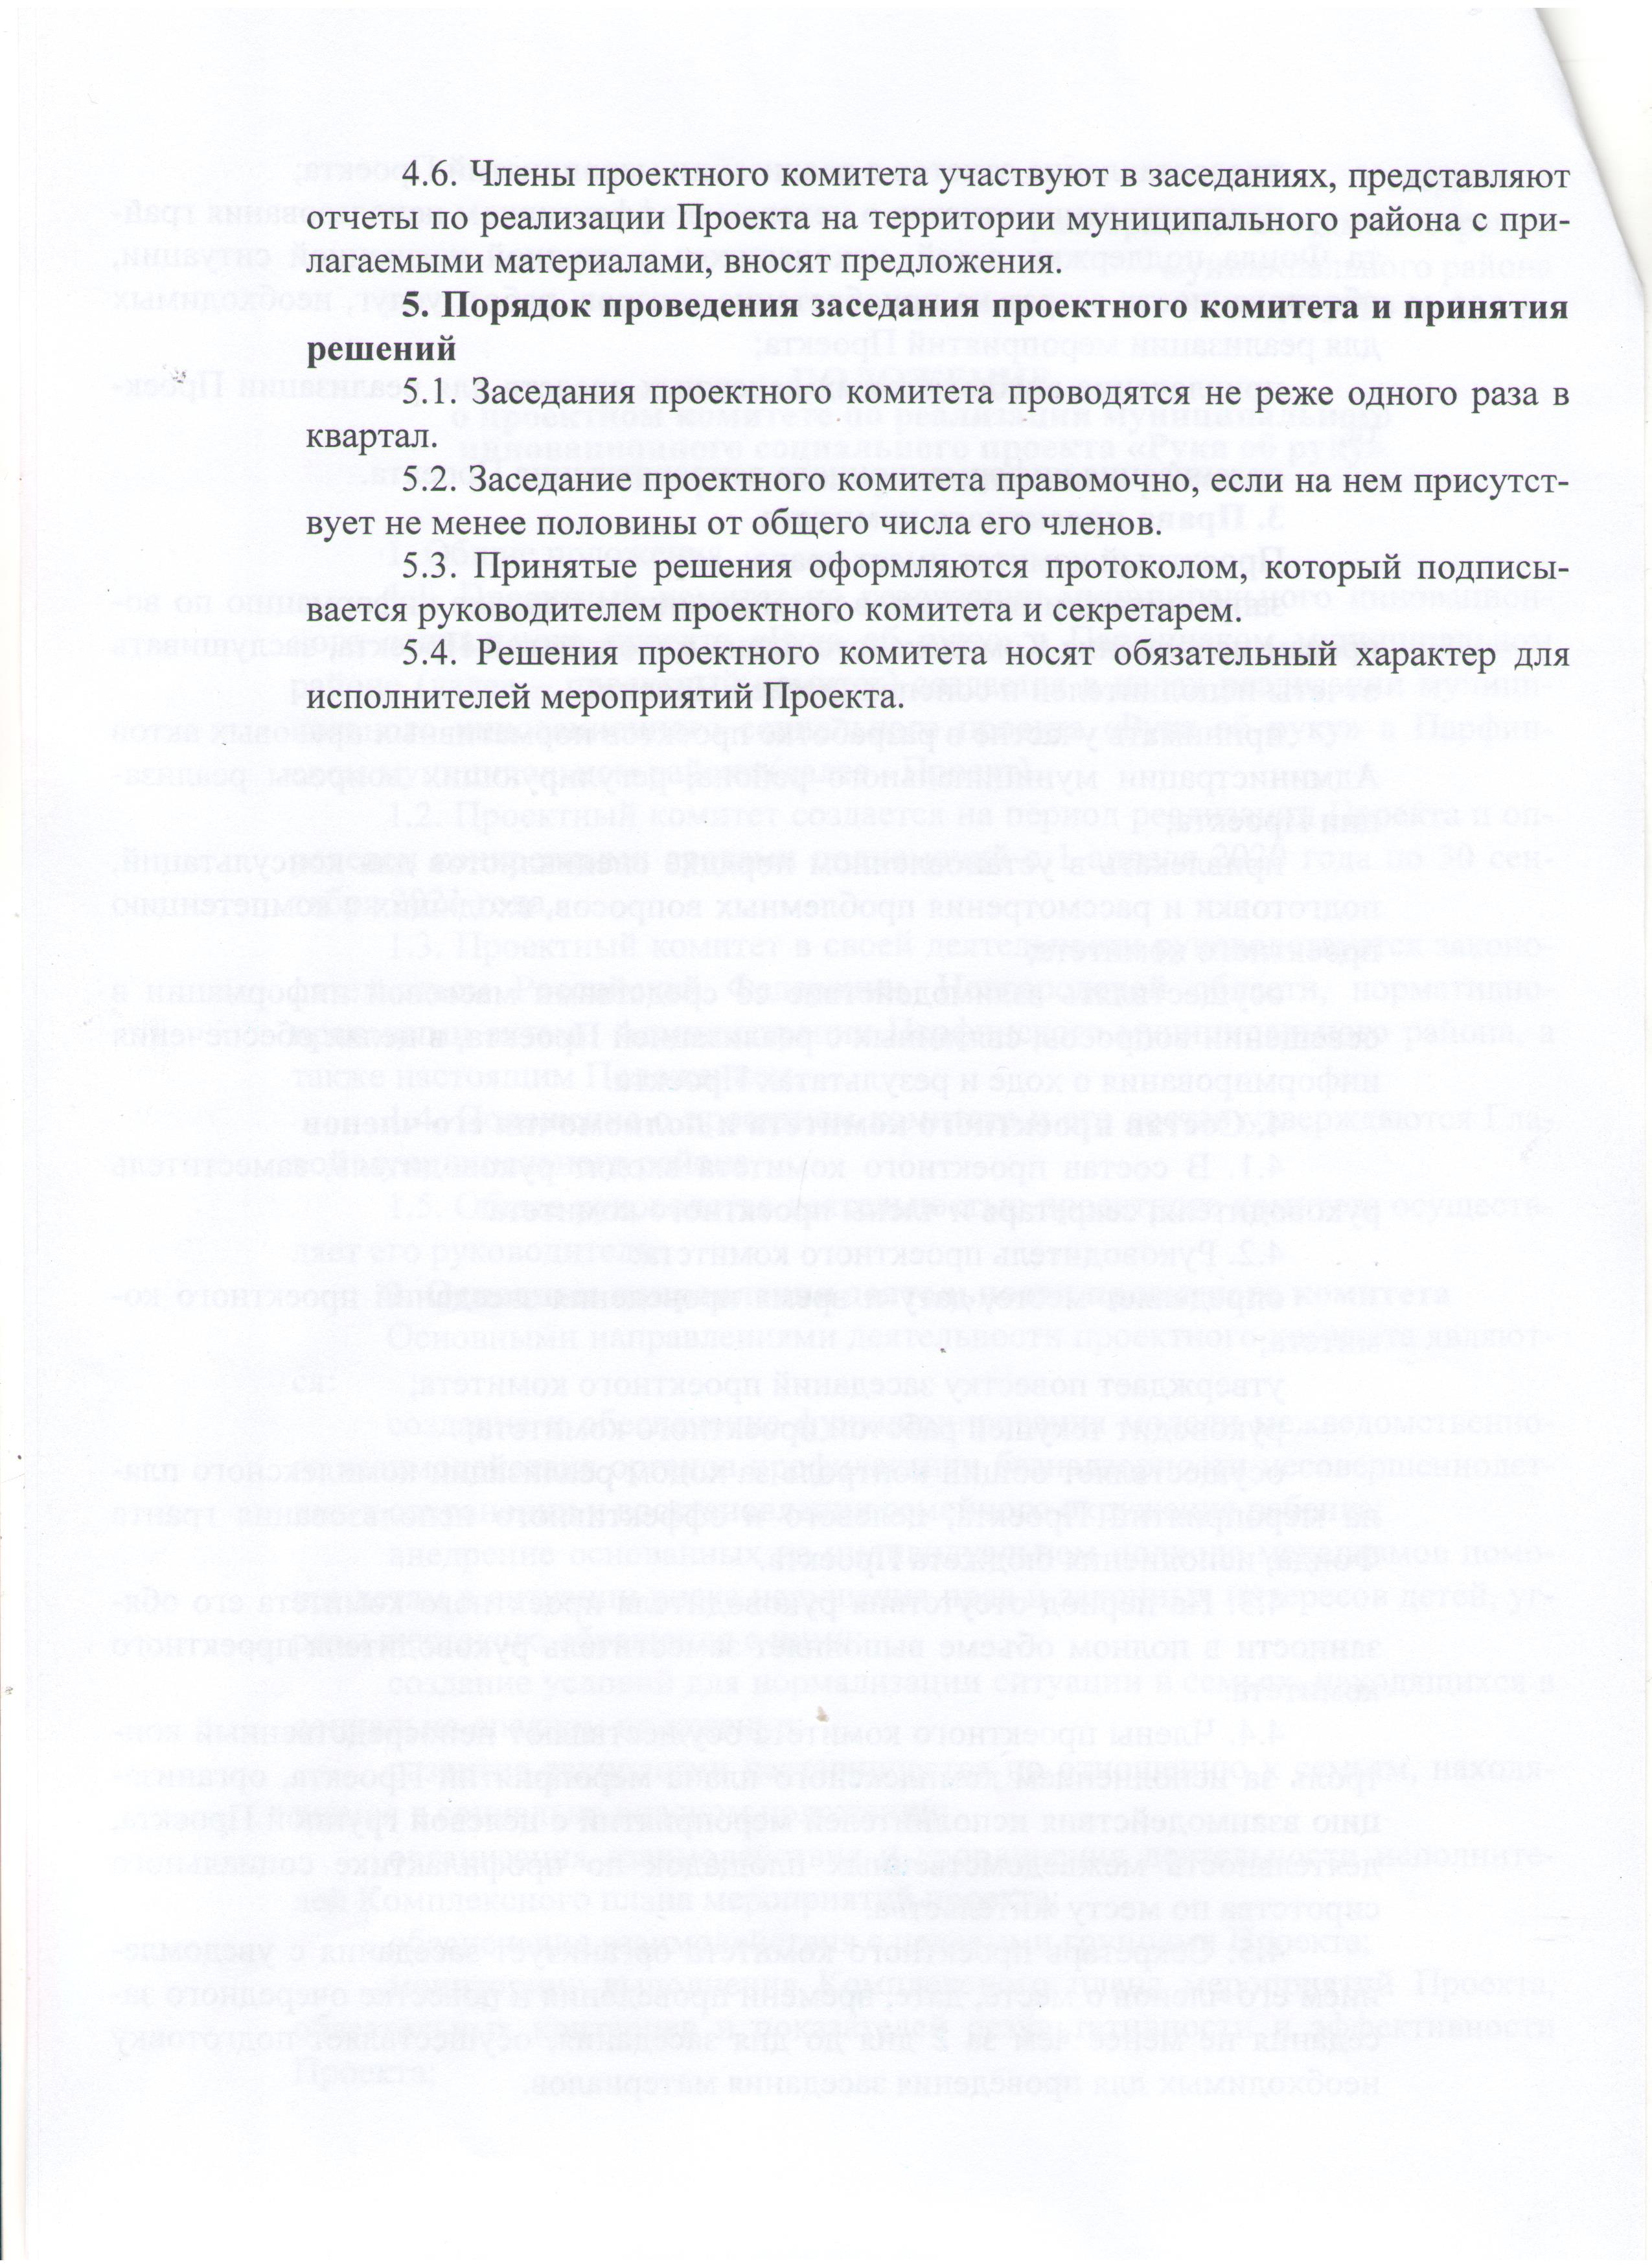 Image (4) (1)